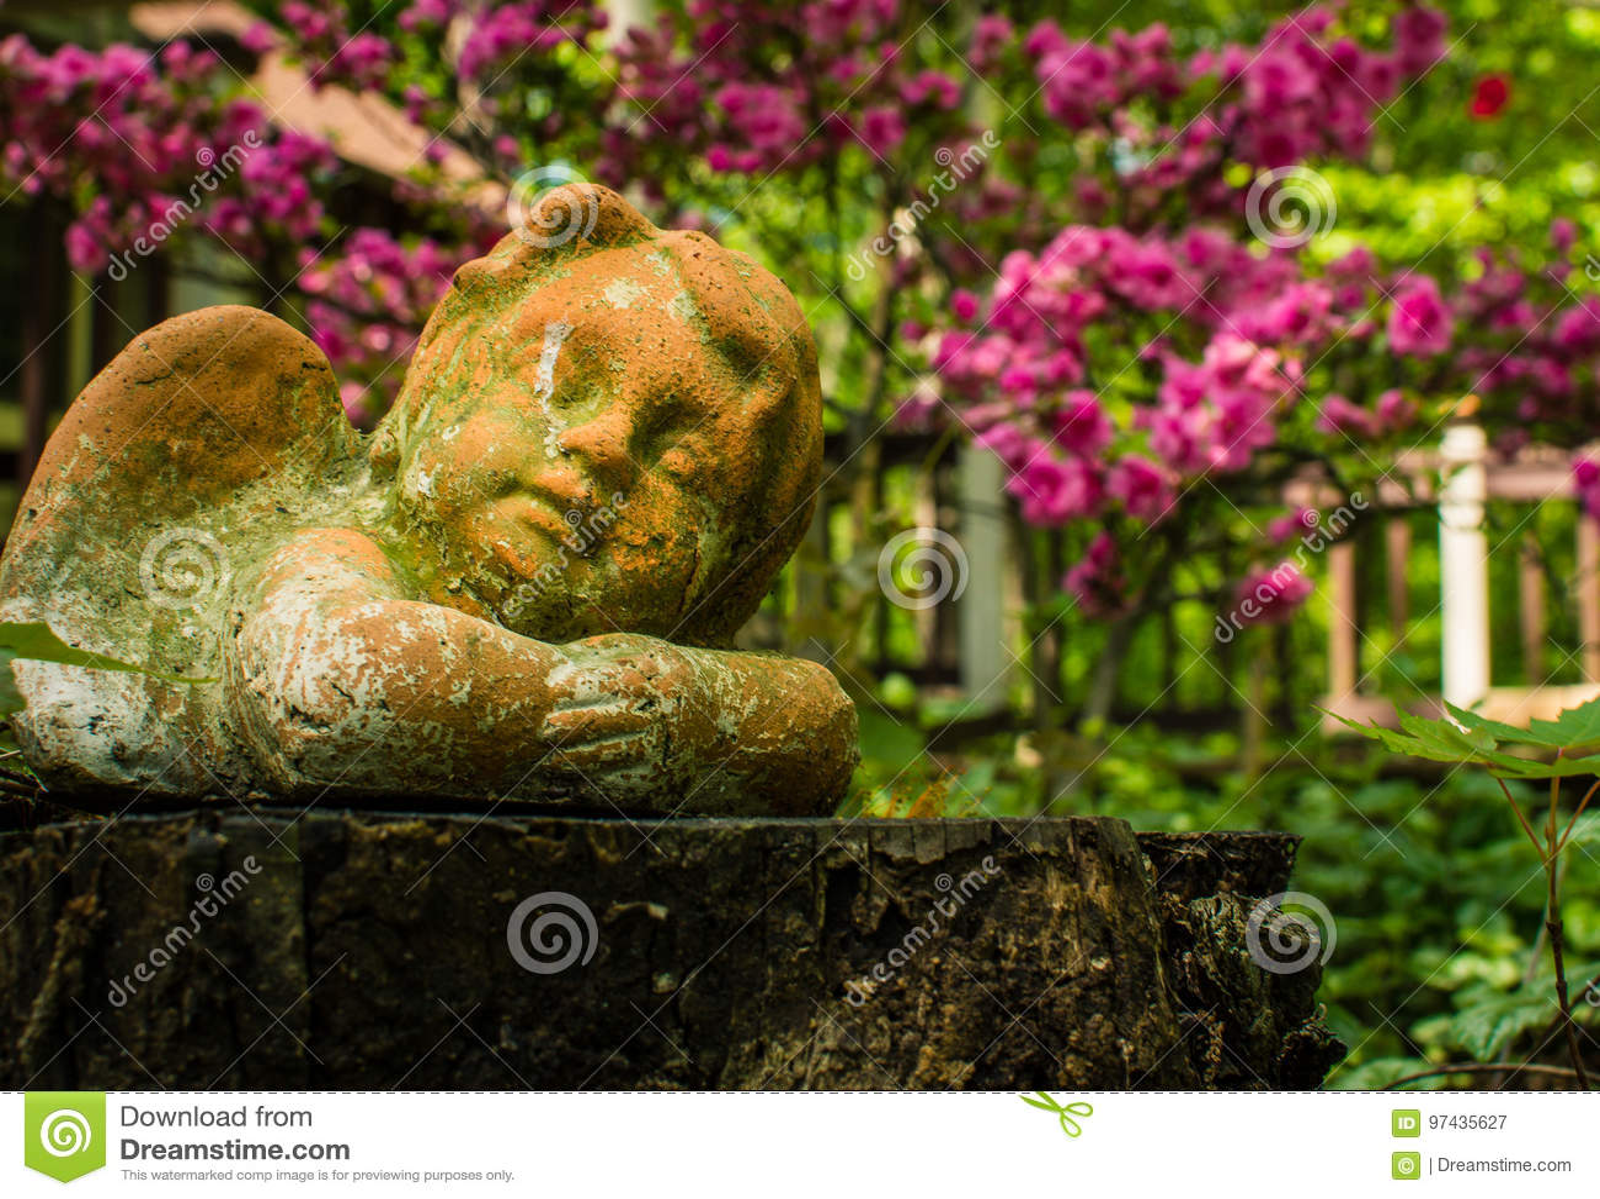 Aniołeczka ornamentu odpoczynki pokojowo wśród ogrodowych kwiatów